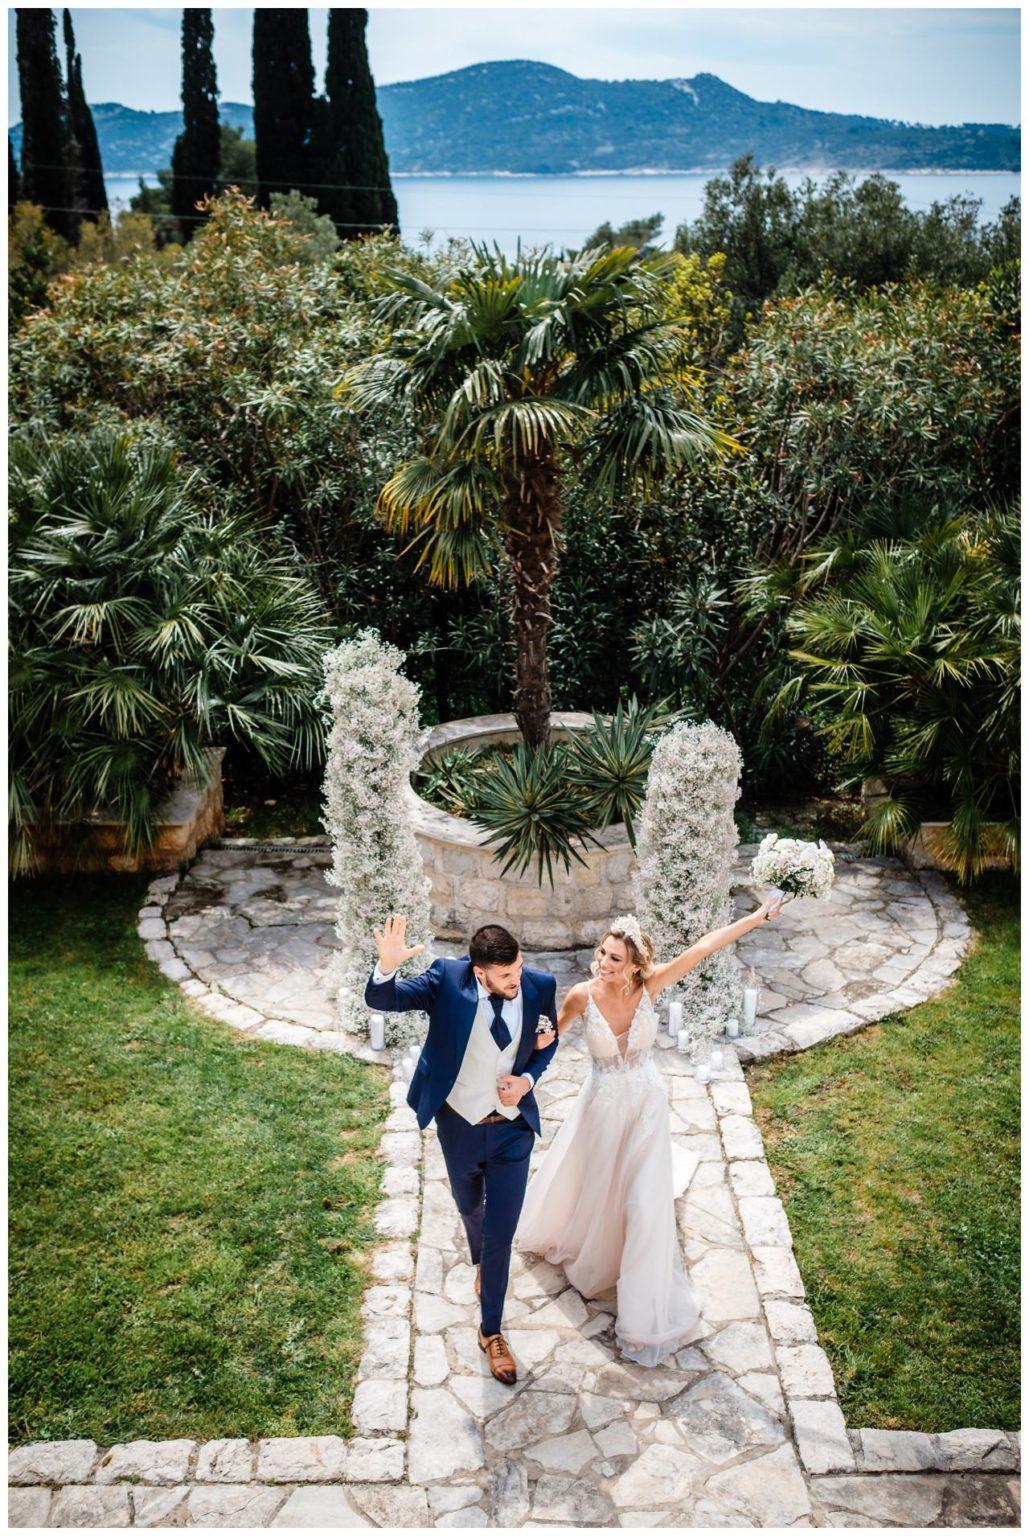 Hochzeit Villa Kroatien Hochzeitsplanung Fotograf 18 - Romantische Hochzeit in einer Villa